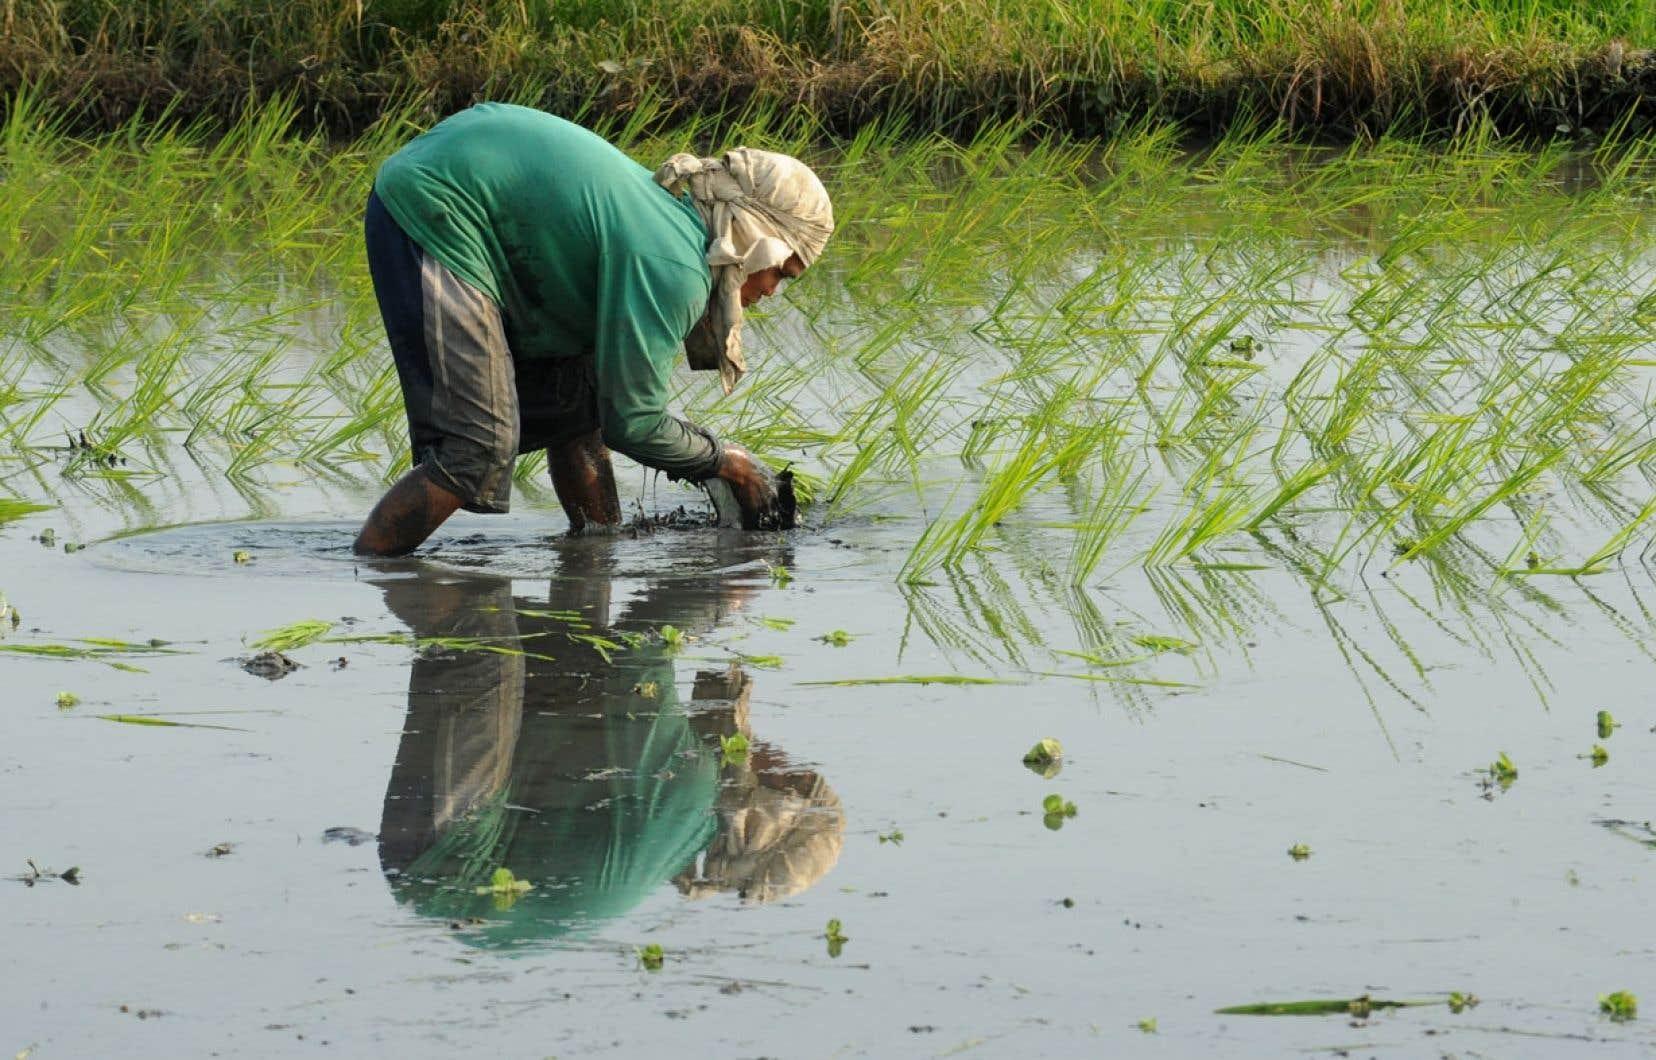 Un agriculteur plante du riz dans un champ de la banlieue de Manille, aux Philippines. Le riz est l'une des cultures essentielles qui seront de plus en plus affectées par les changements climatiques.